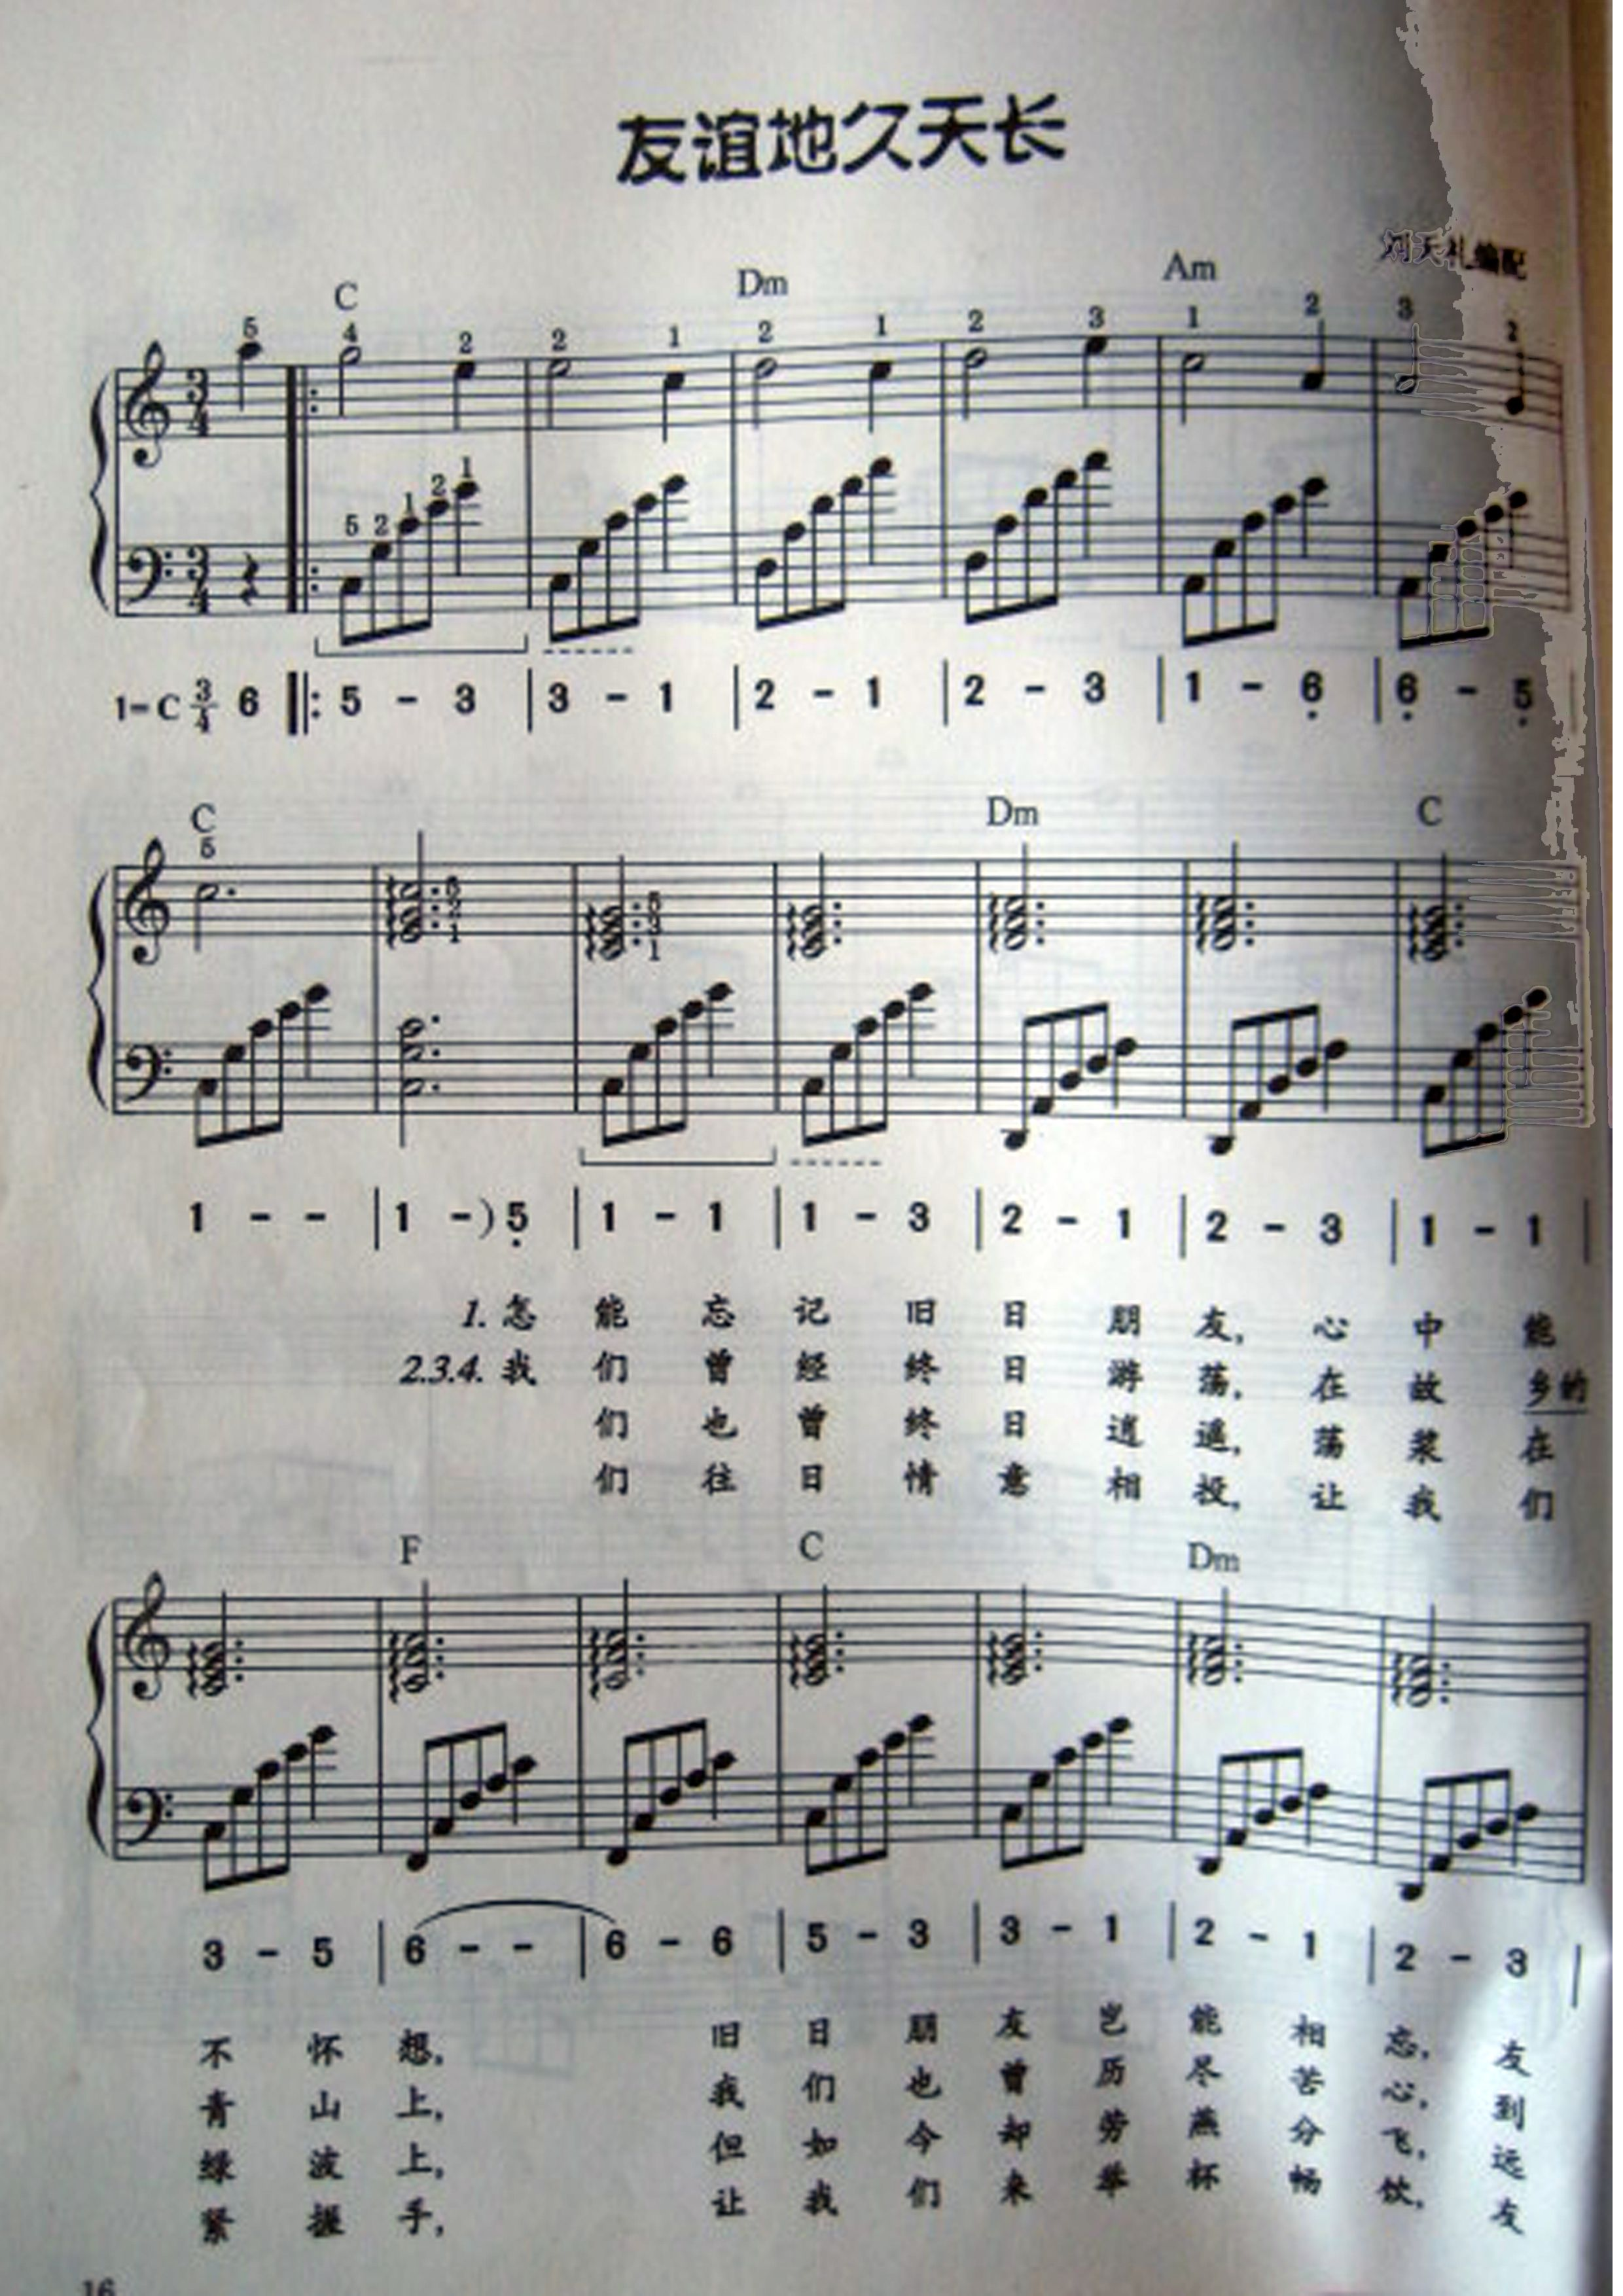 钢琴版成都谱子